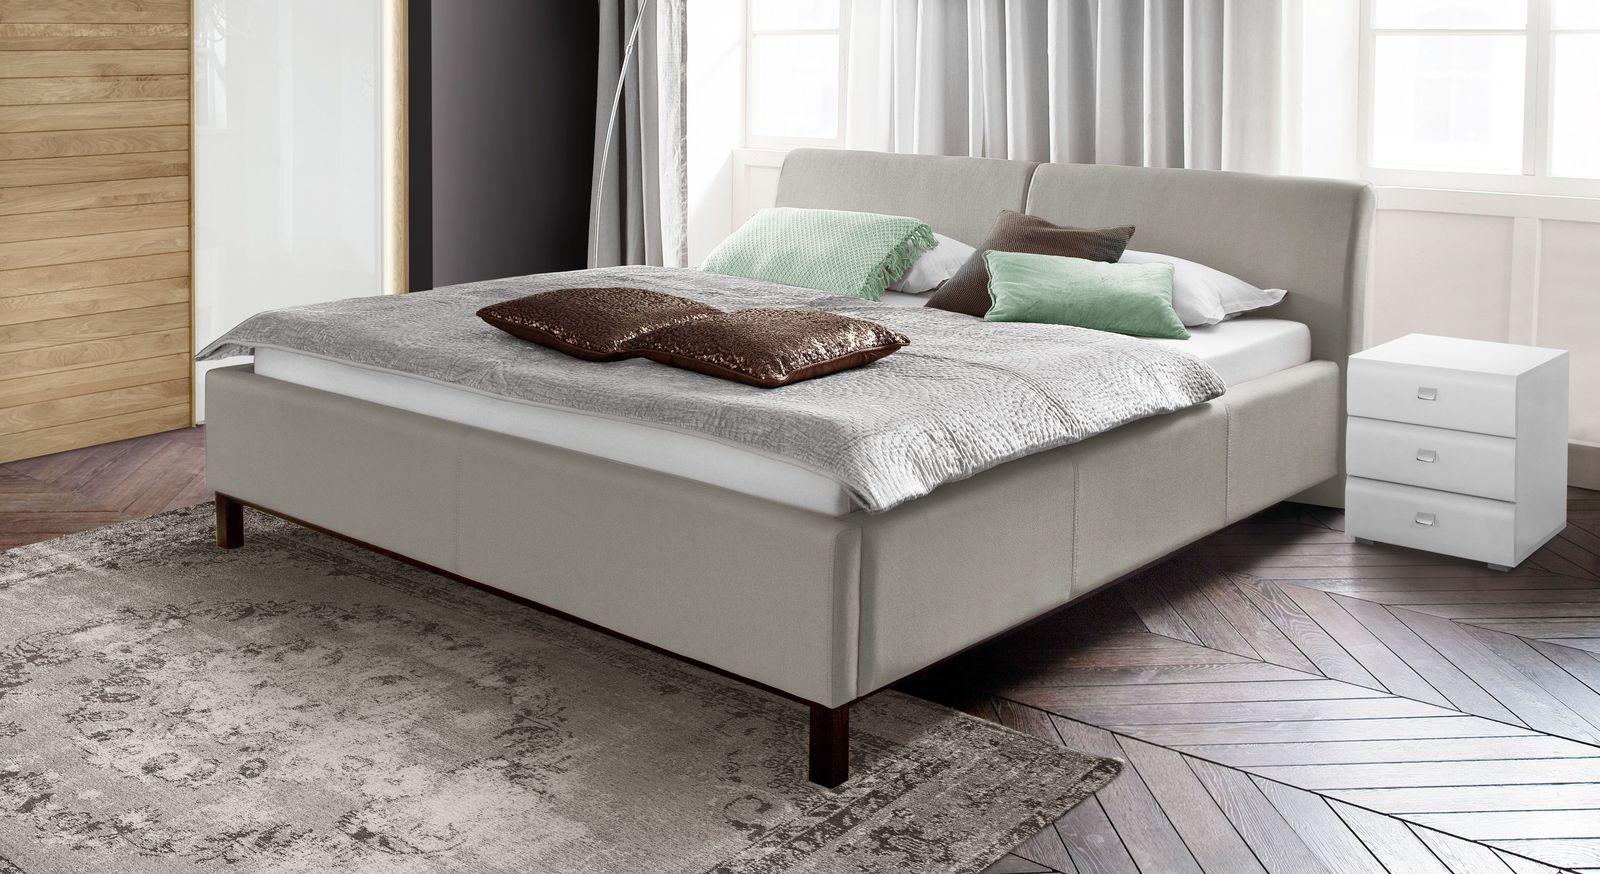 Bett Sulivan aus pflegeleichtem Bezugsstoff